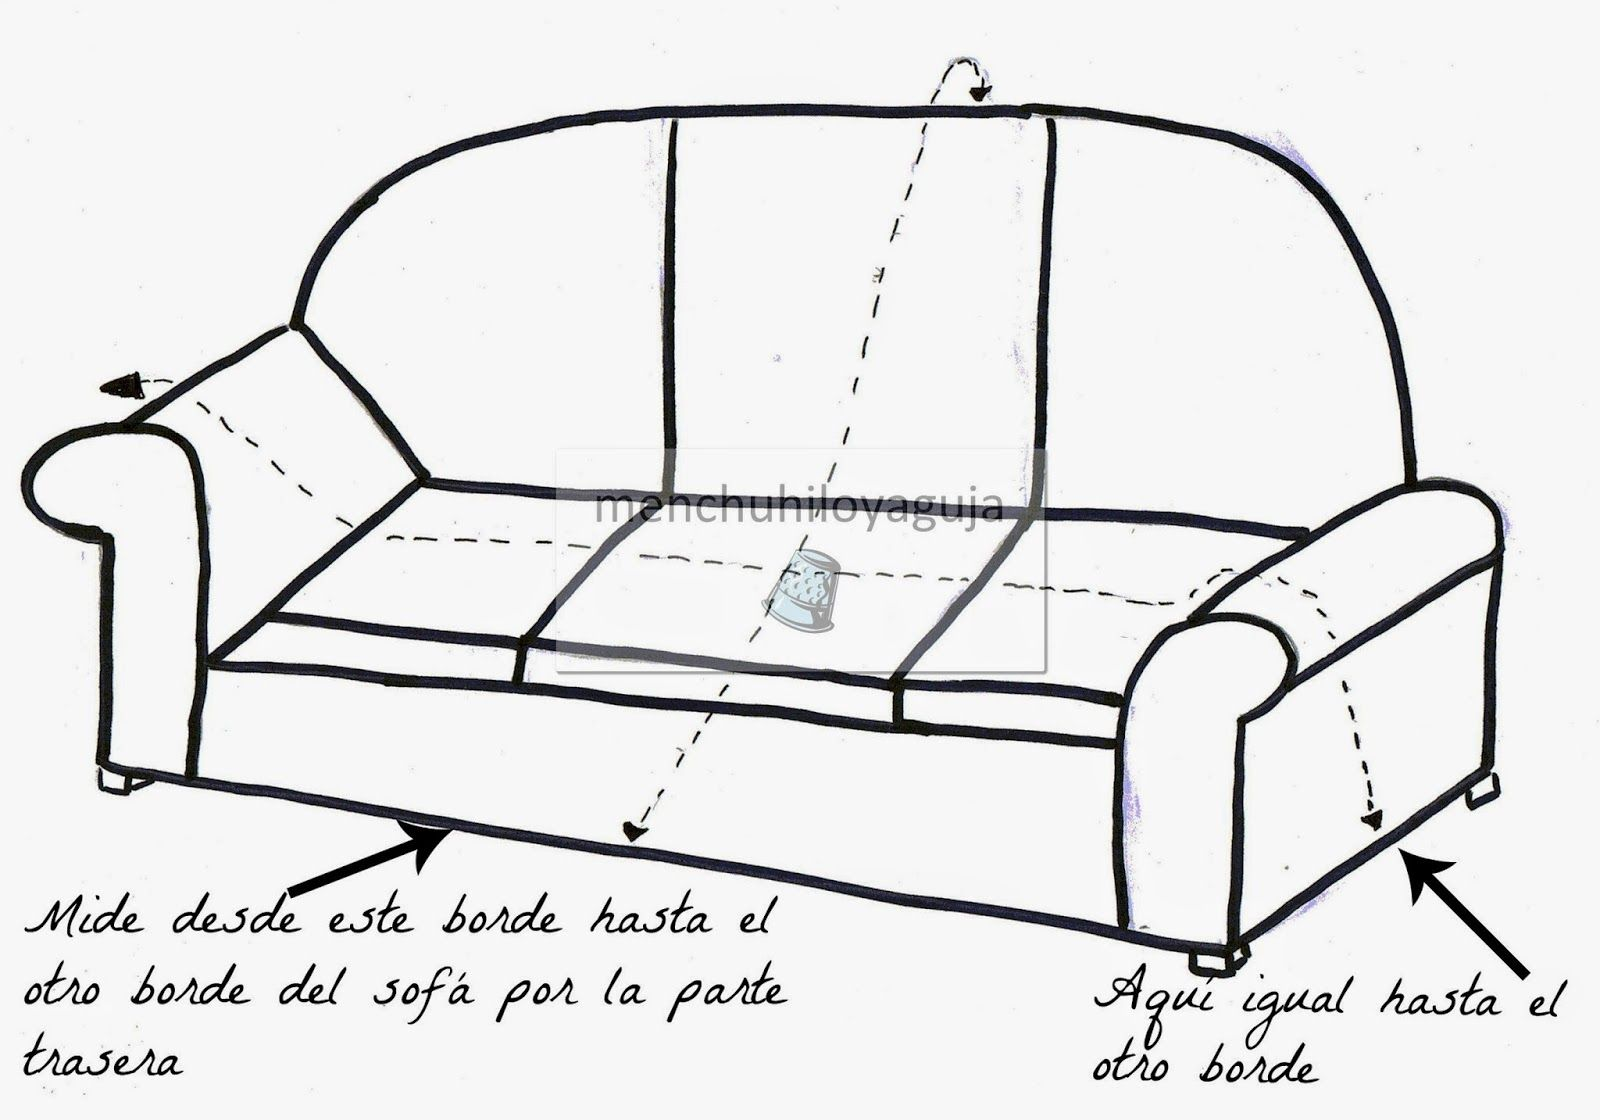 Fundas Para Sofa En Peru 68 Inch Jack Knife Patrones De Costura Como Medir Un Confeccionar Una Funda